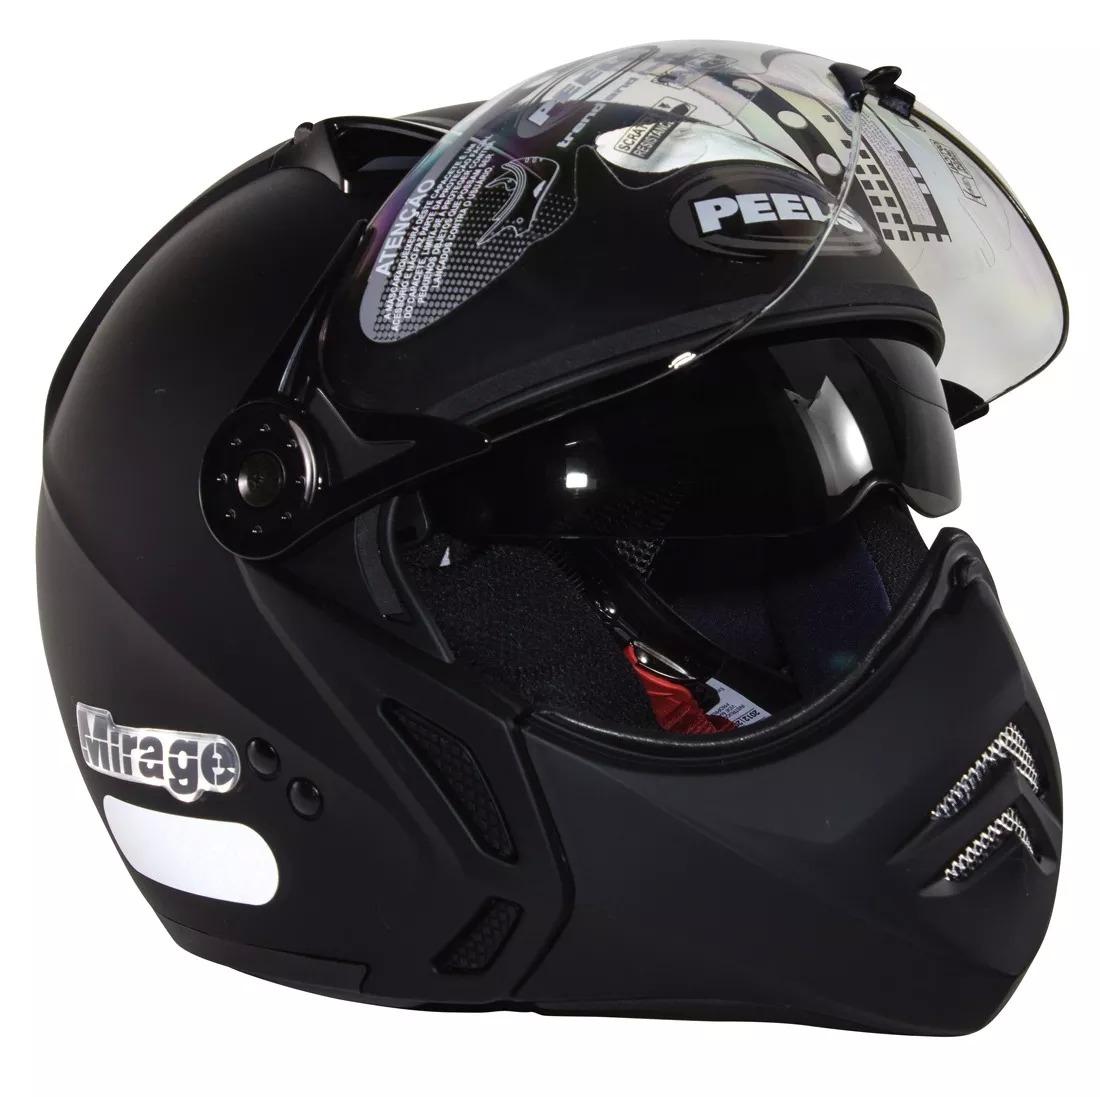 0986ef3a67c5c capacete peels mirage c  oculos solar interno italiano 2019. Carregando  zoom.